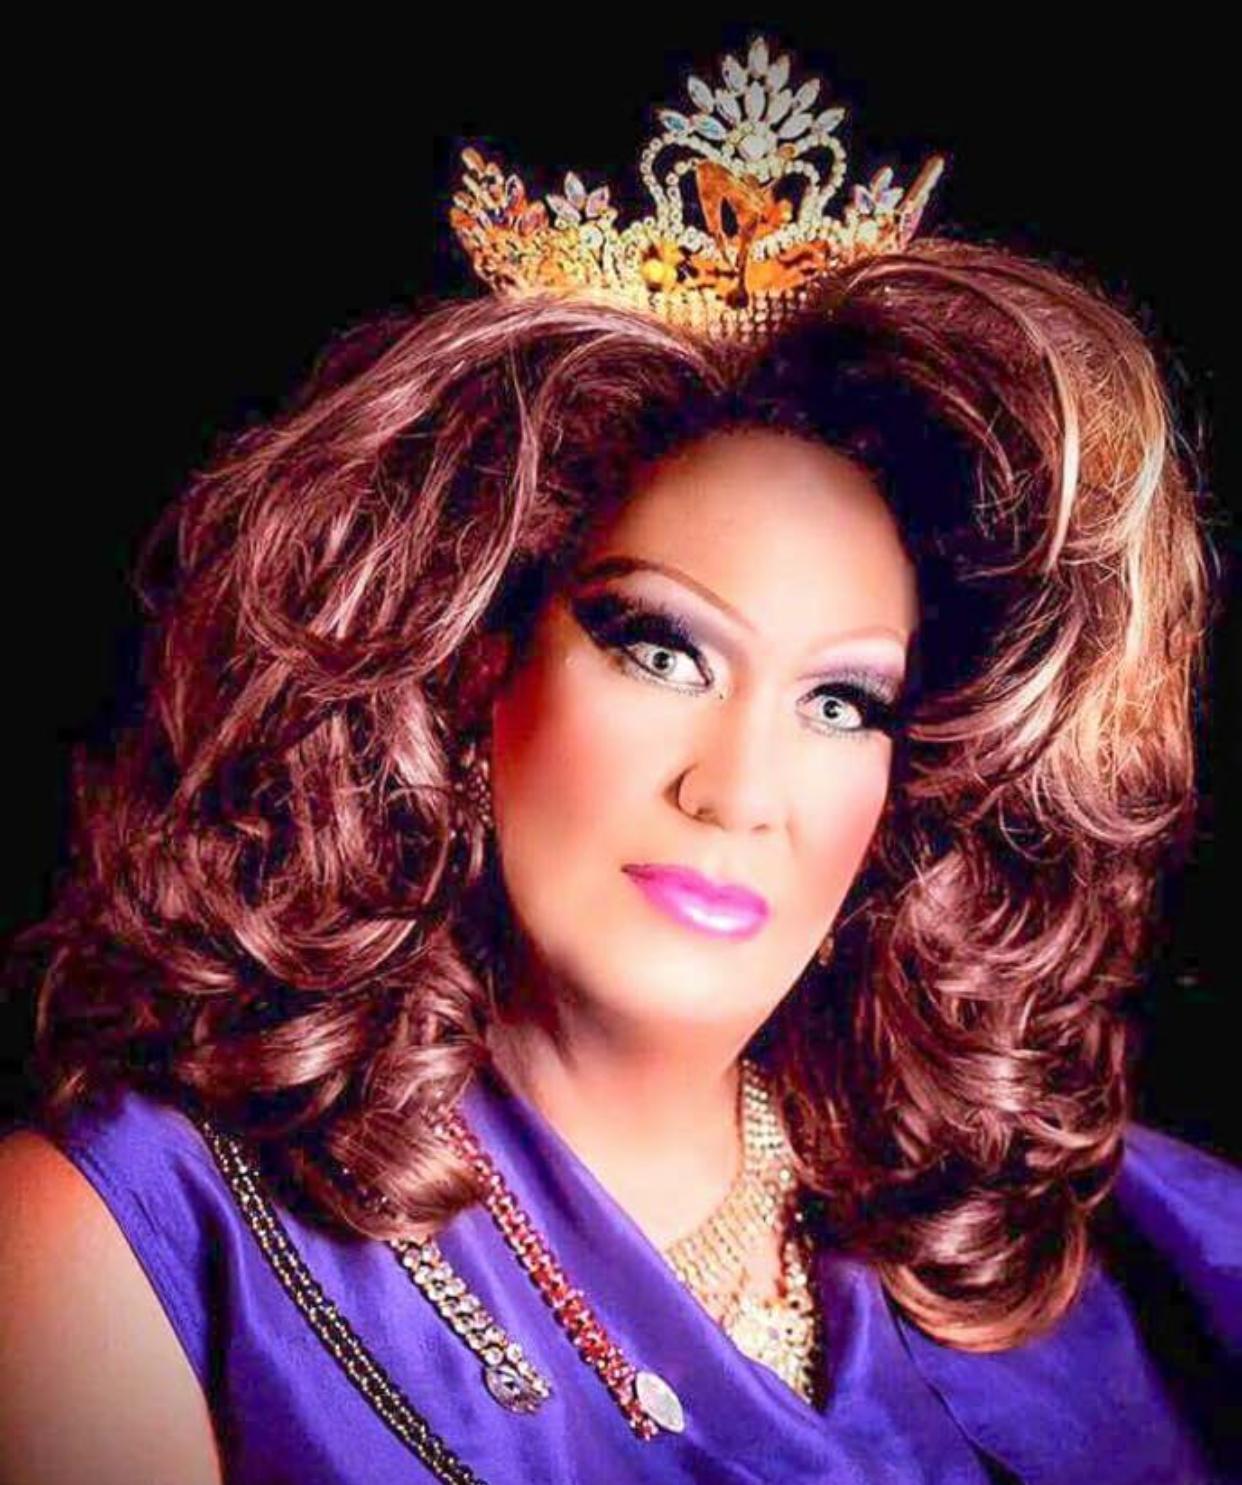 miss gay america brittney obryan